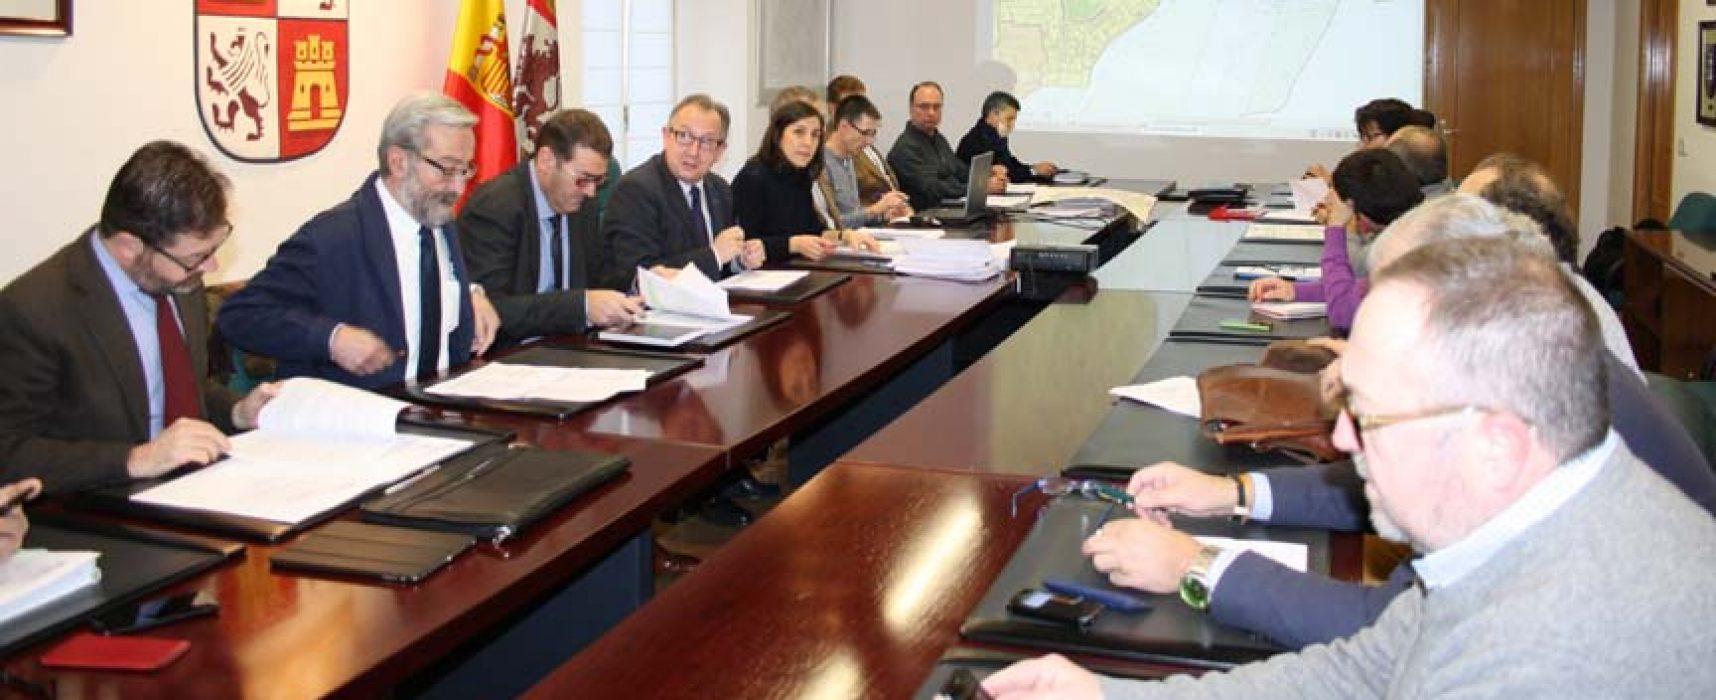 La Comisión Territorial de Medio Ambiente considera viable la propuesta de un centro de turismo sostenible y educación ambiental en Fuentidueña